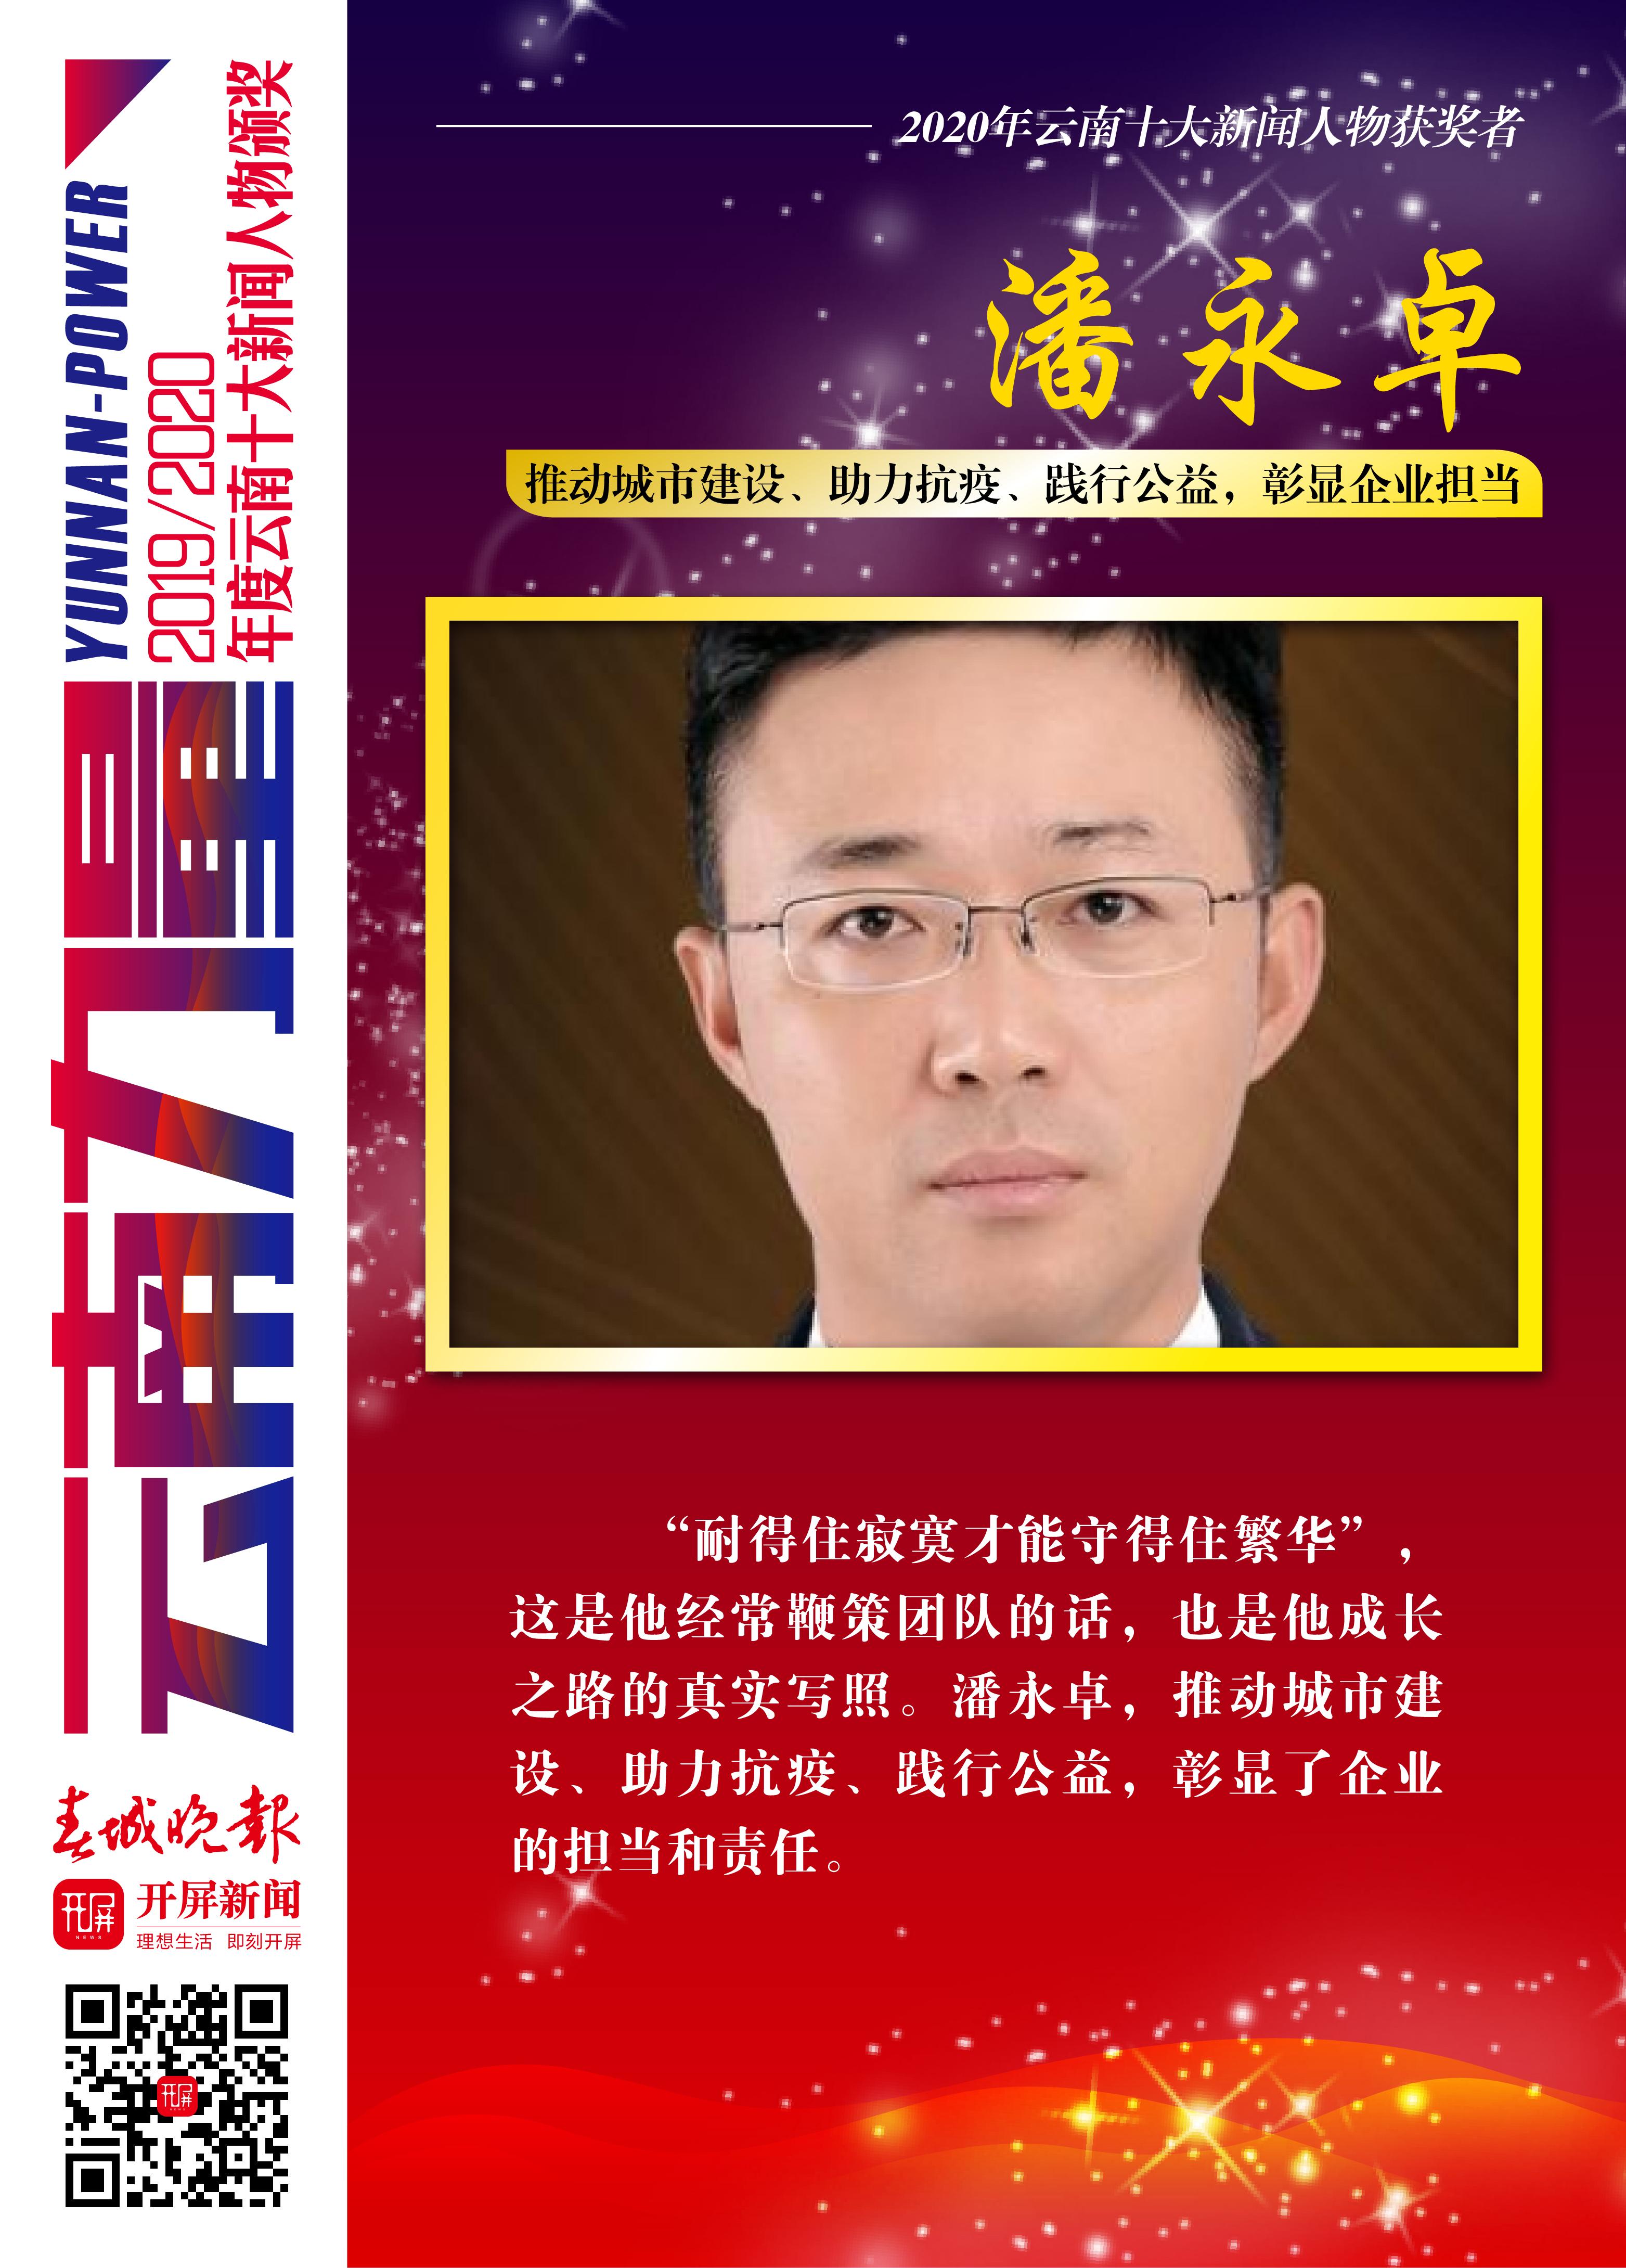 2020新闻人物海报_07潘永卓.jpg